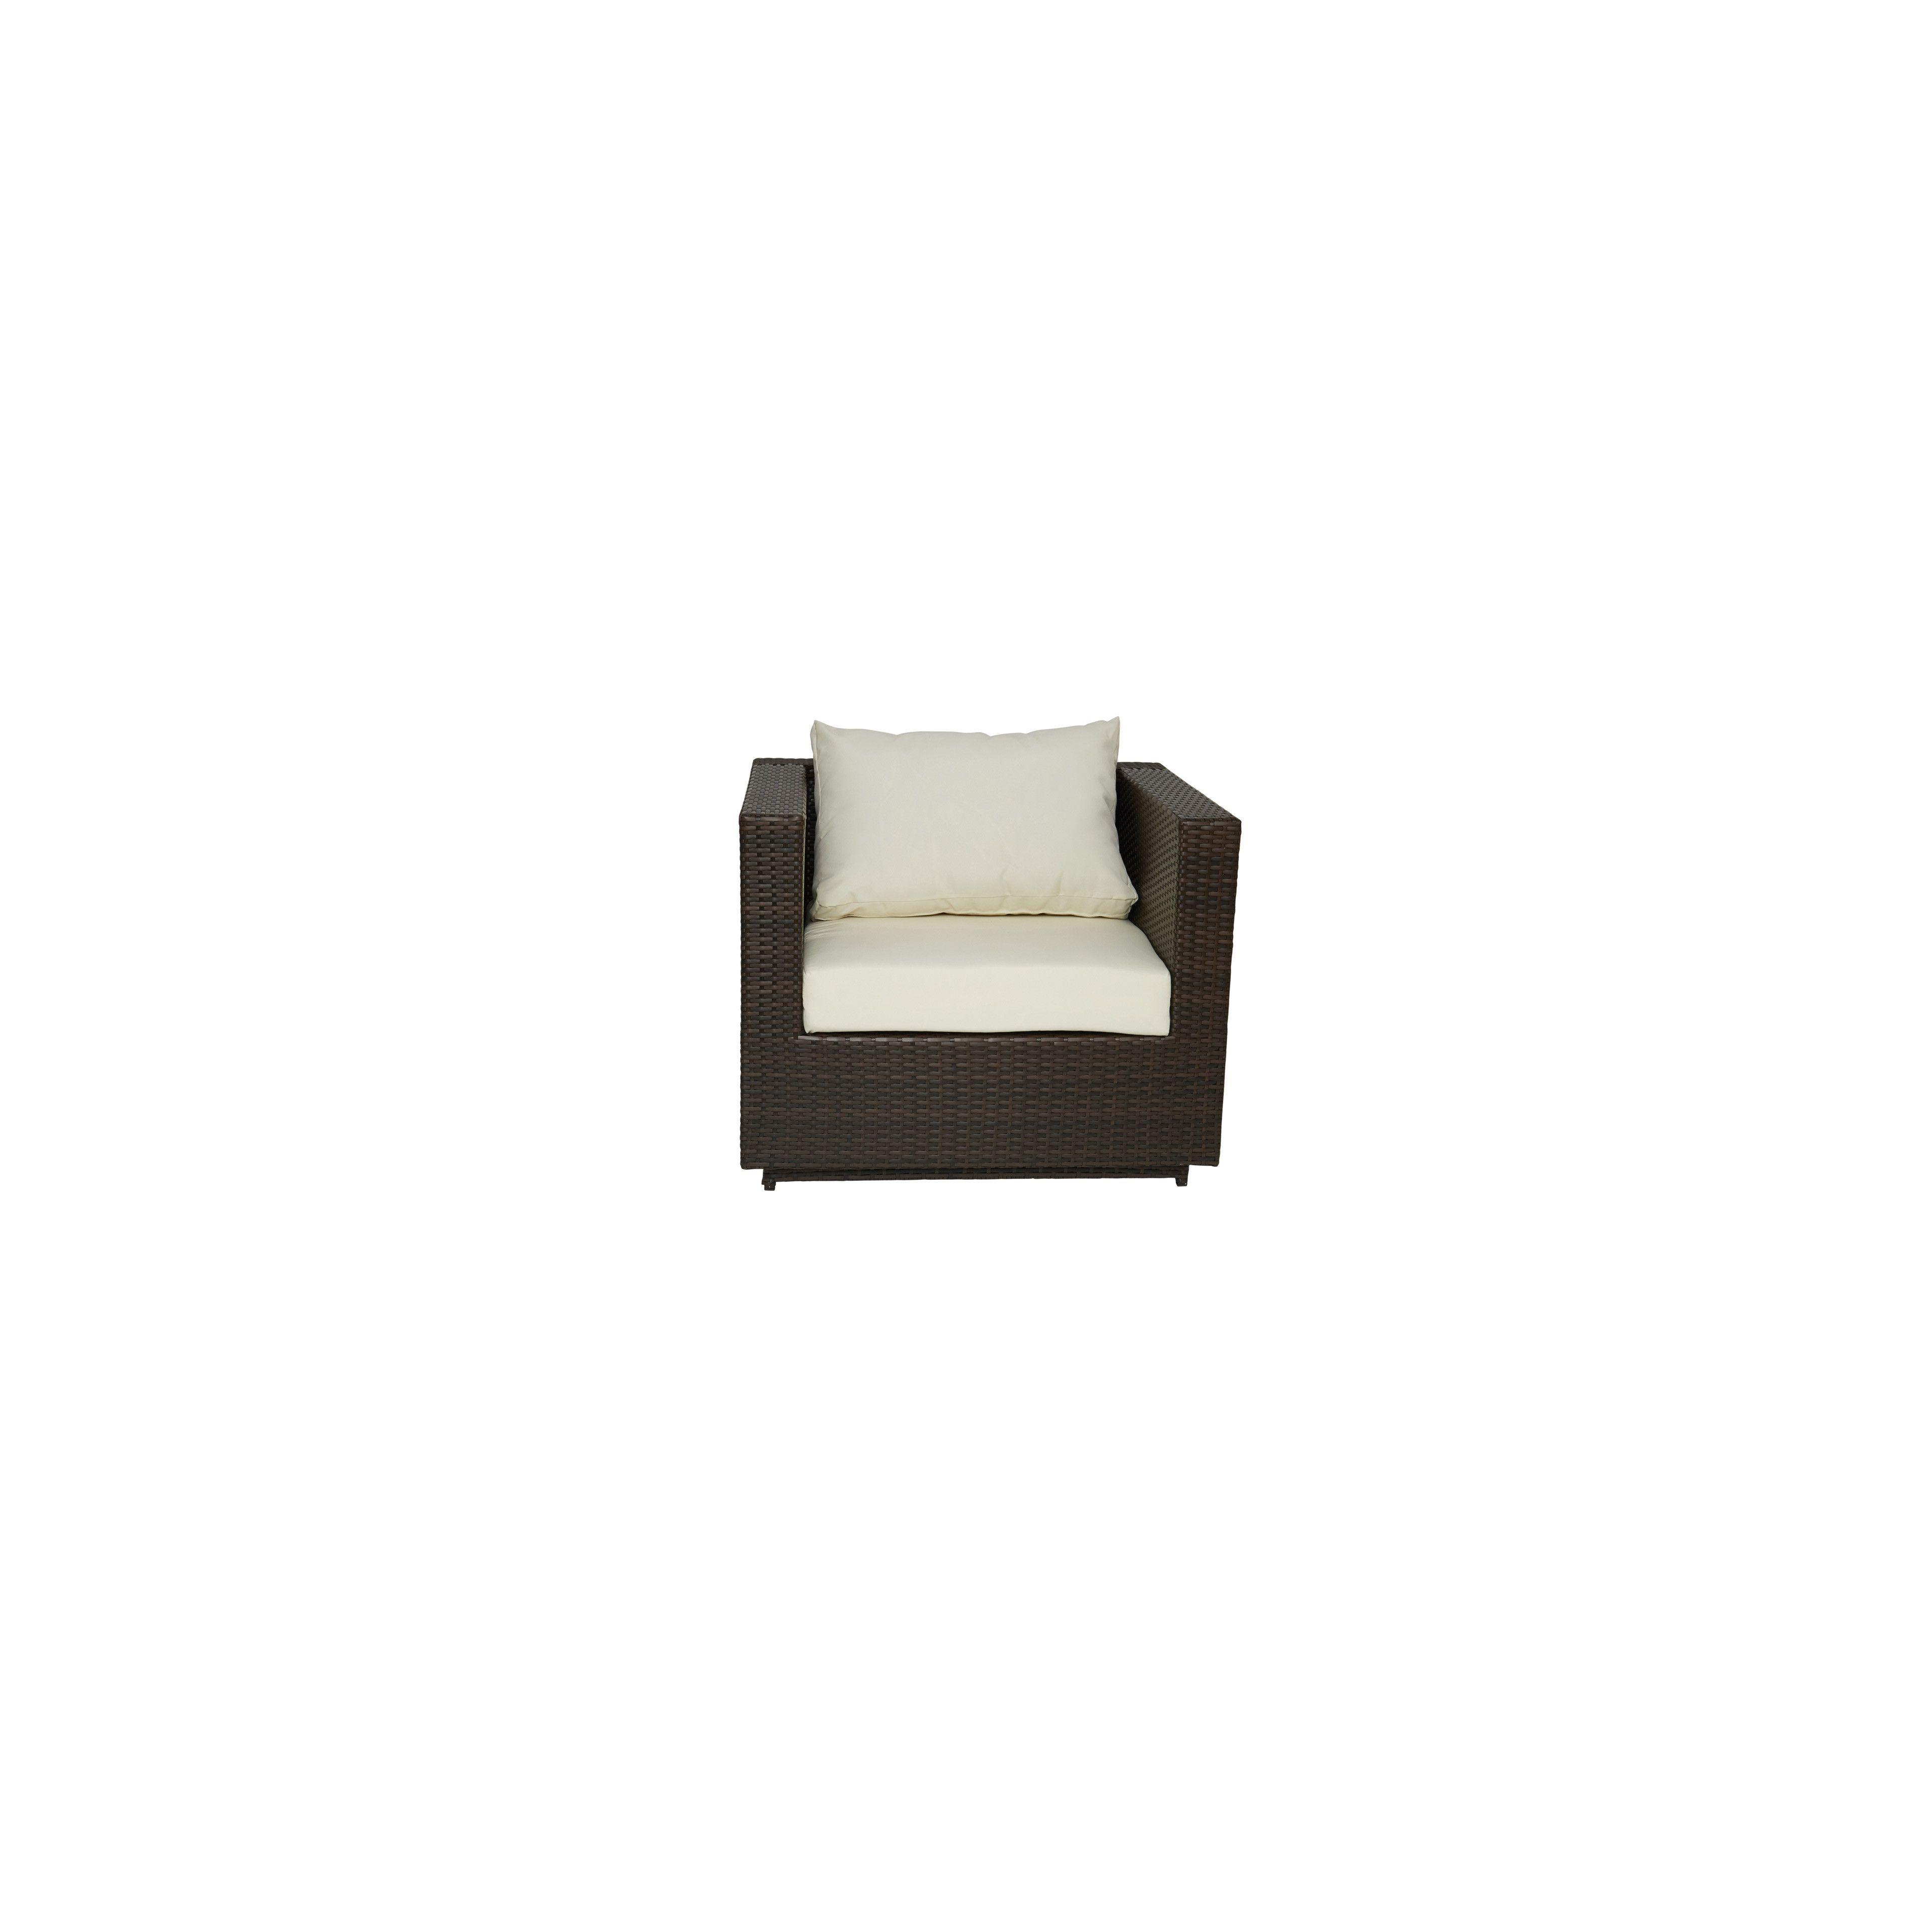 Fauteuil d 39 ext rieur fauteuil de jardin for Salon jardin fauteuil